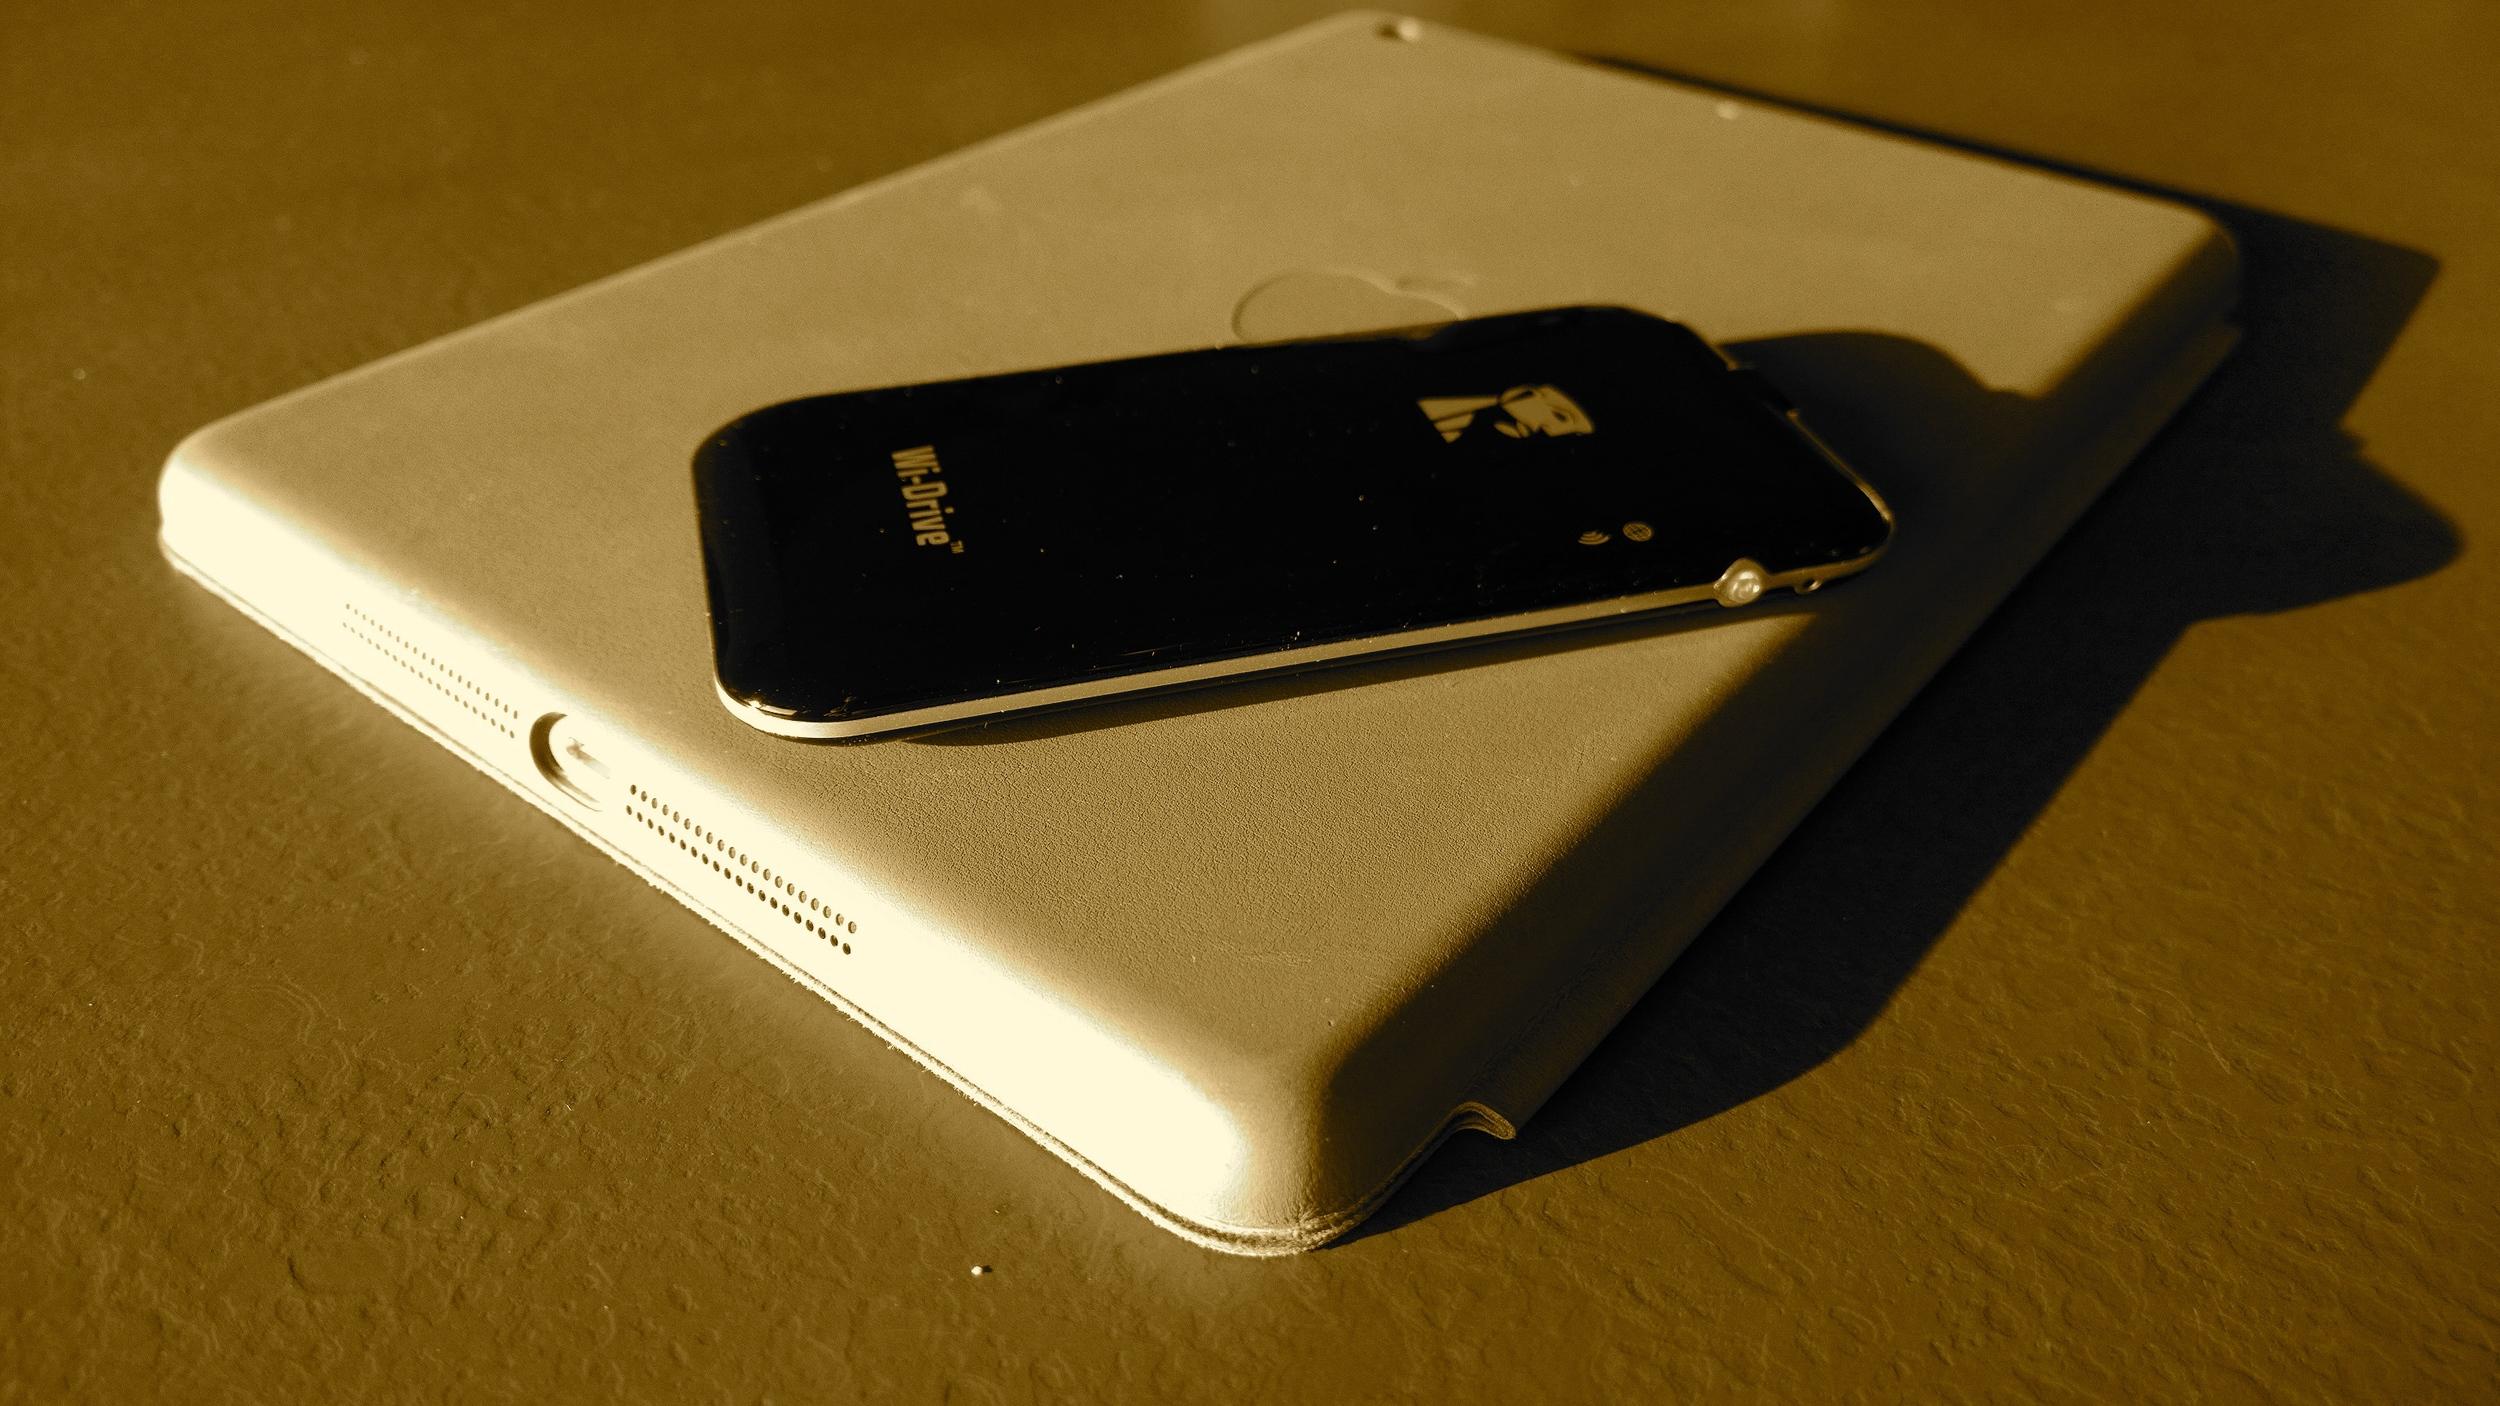 Windows Phone_20131127_15_44_18_Pro.jpg